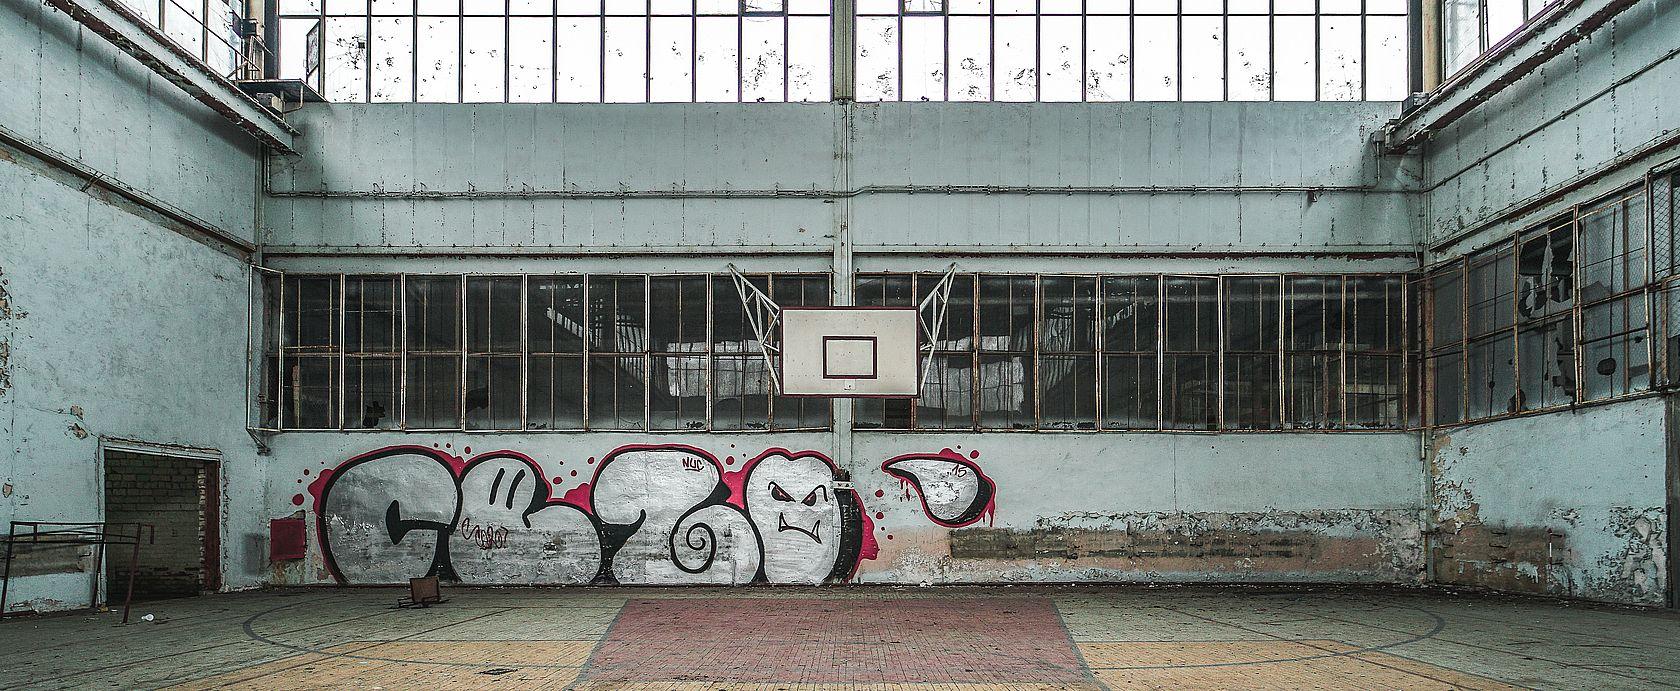 Die sowjetische Turnhalle